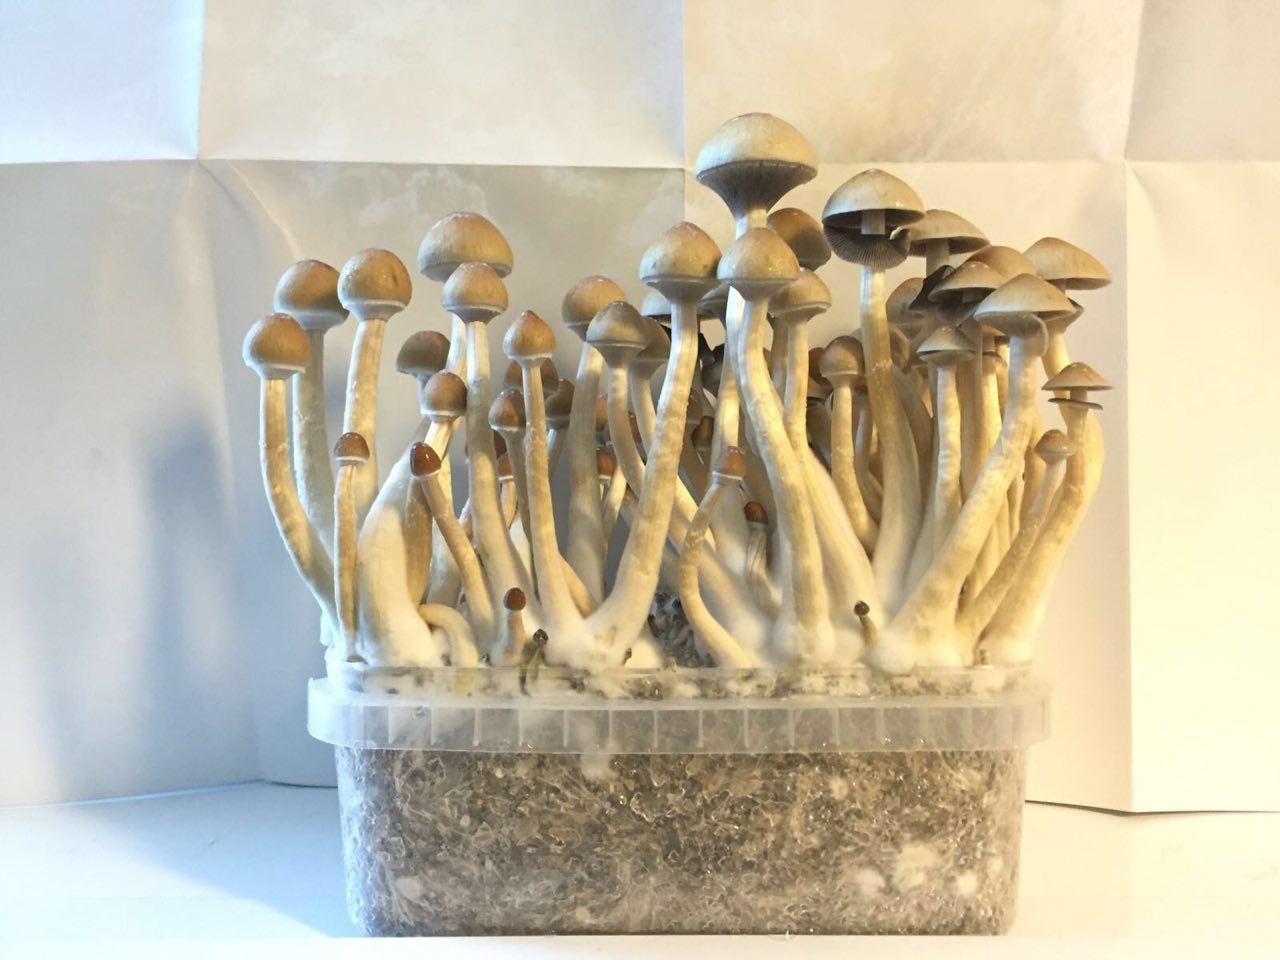 Order Psilocybe Cubensis Golden Teacher - Mushroom Growkit online